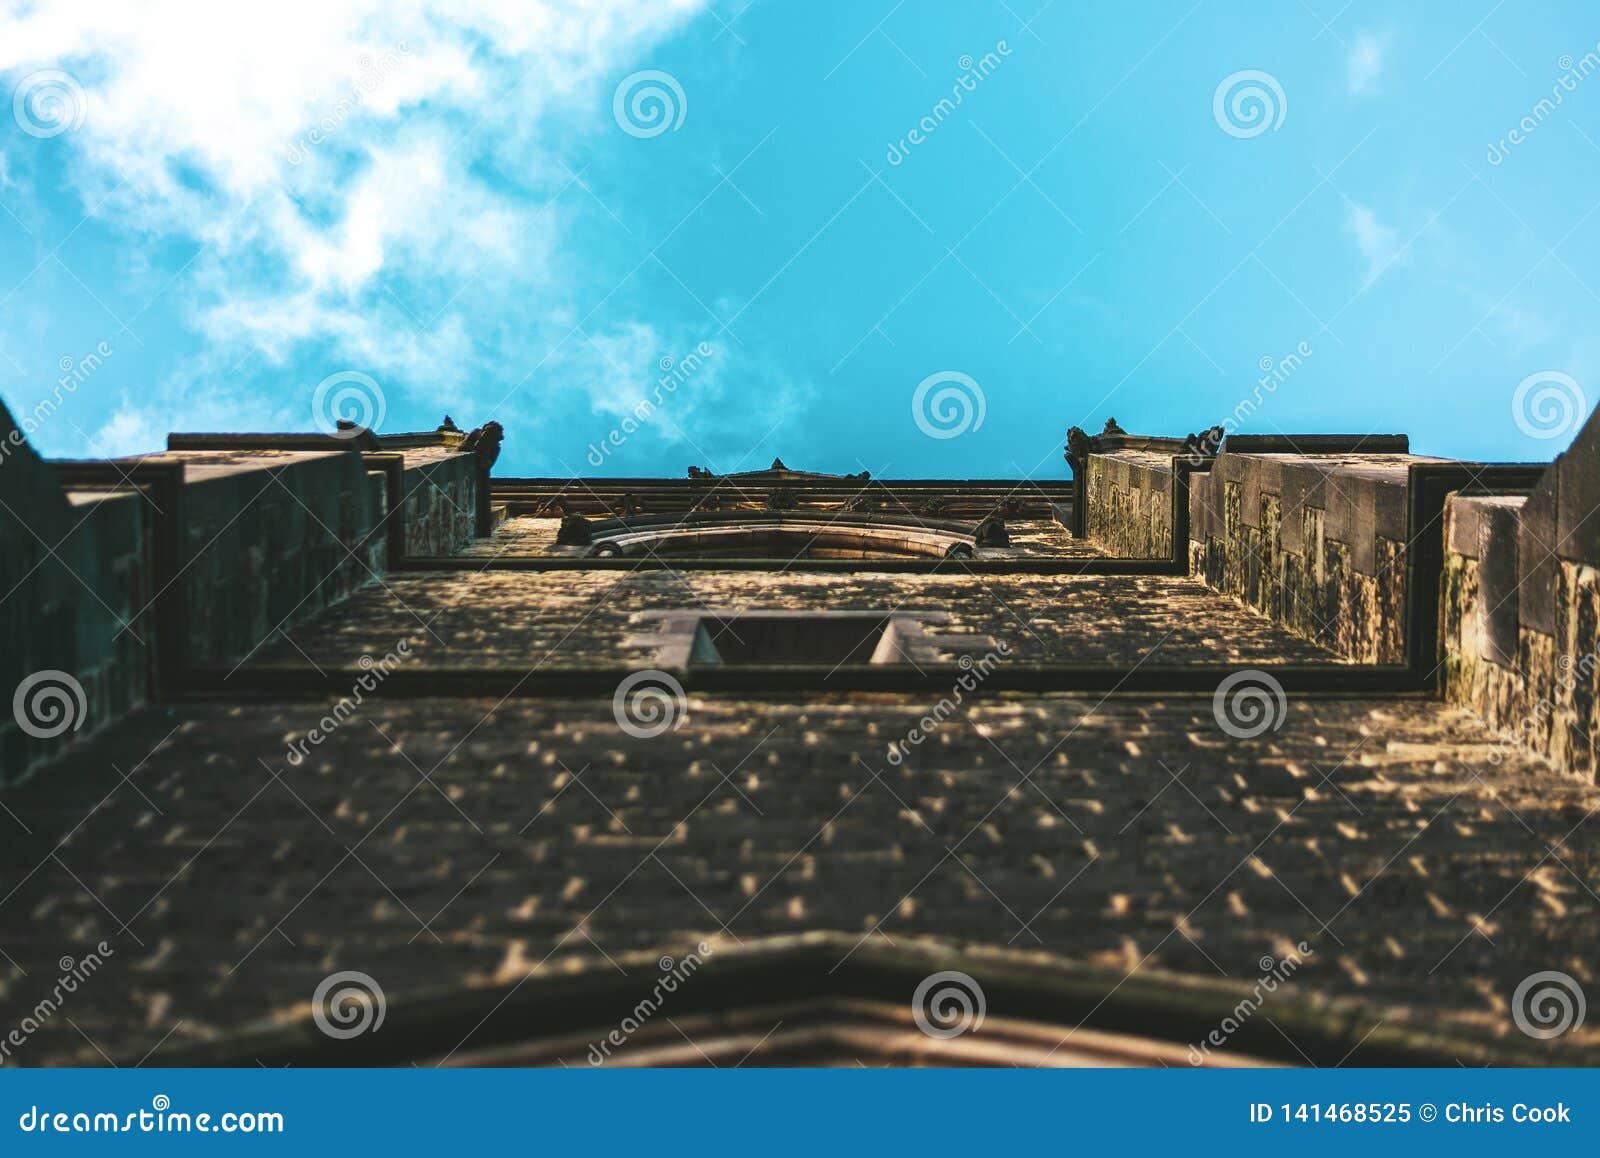 Ένας πυροβολισμός ενός τοίχου εκκλησιών που εξετάζει τον ουρανό